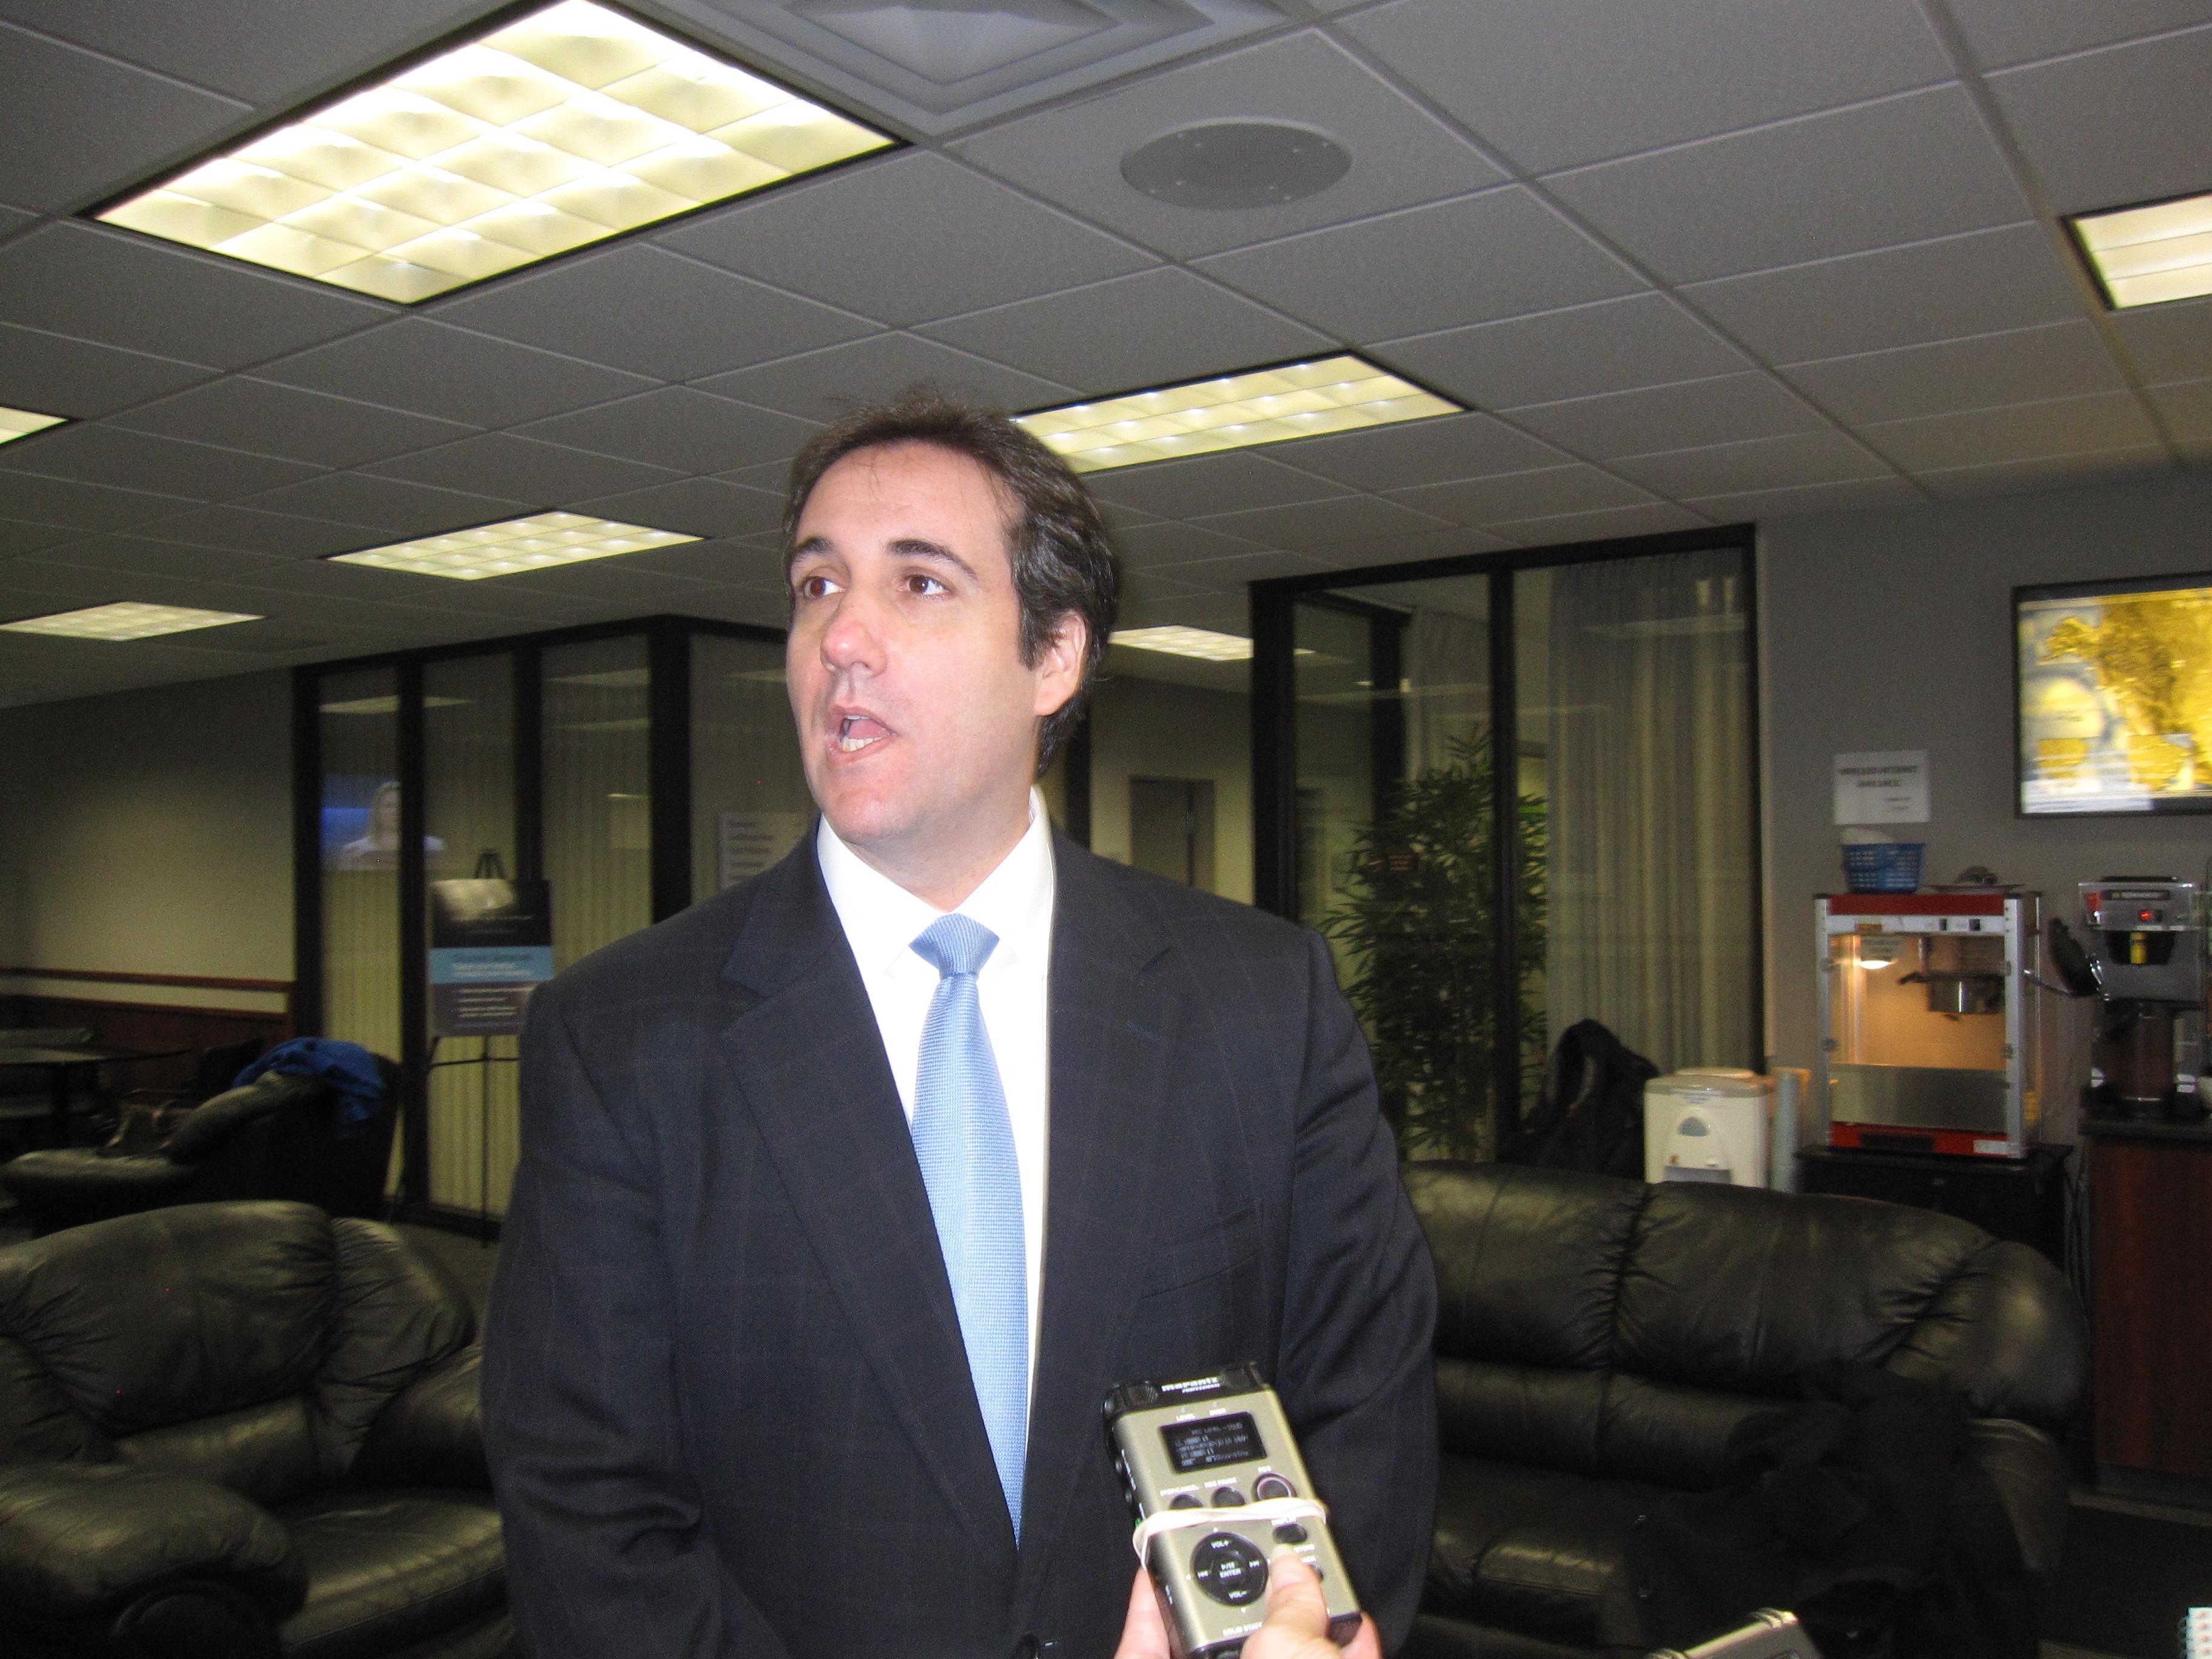 Seeking A Delay, Cohen Says He'll Plead The Fifth In Daniels Case